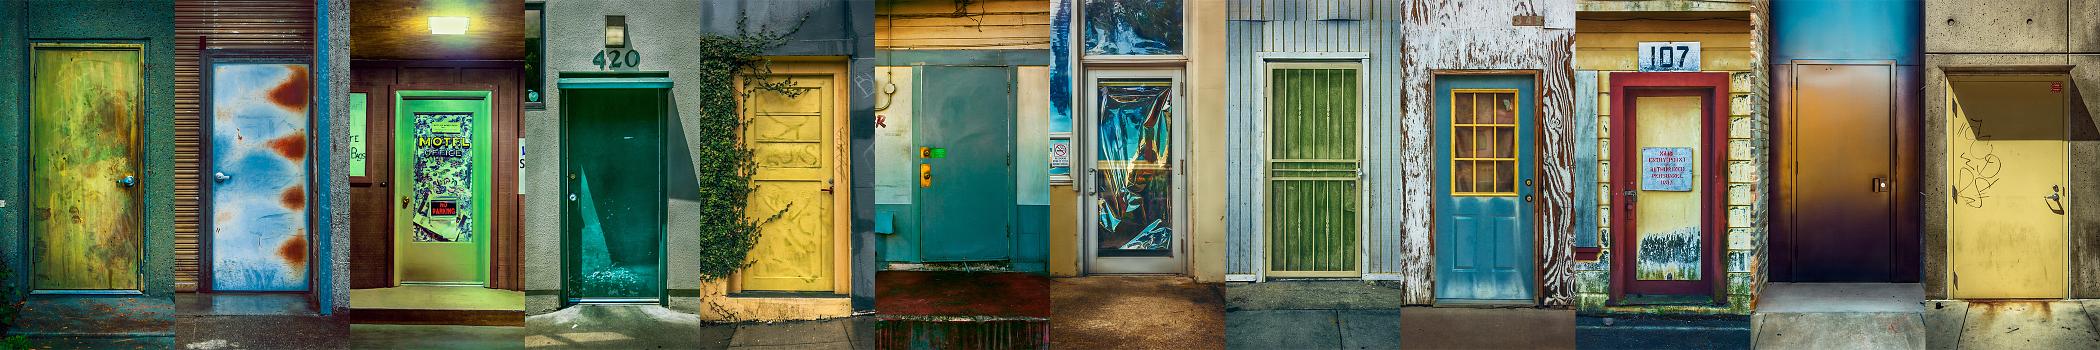 |Doors|: I - |Doors|: I